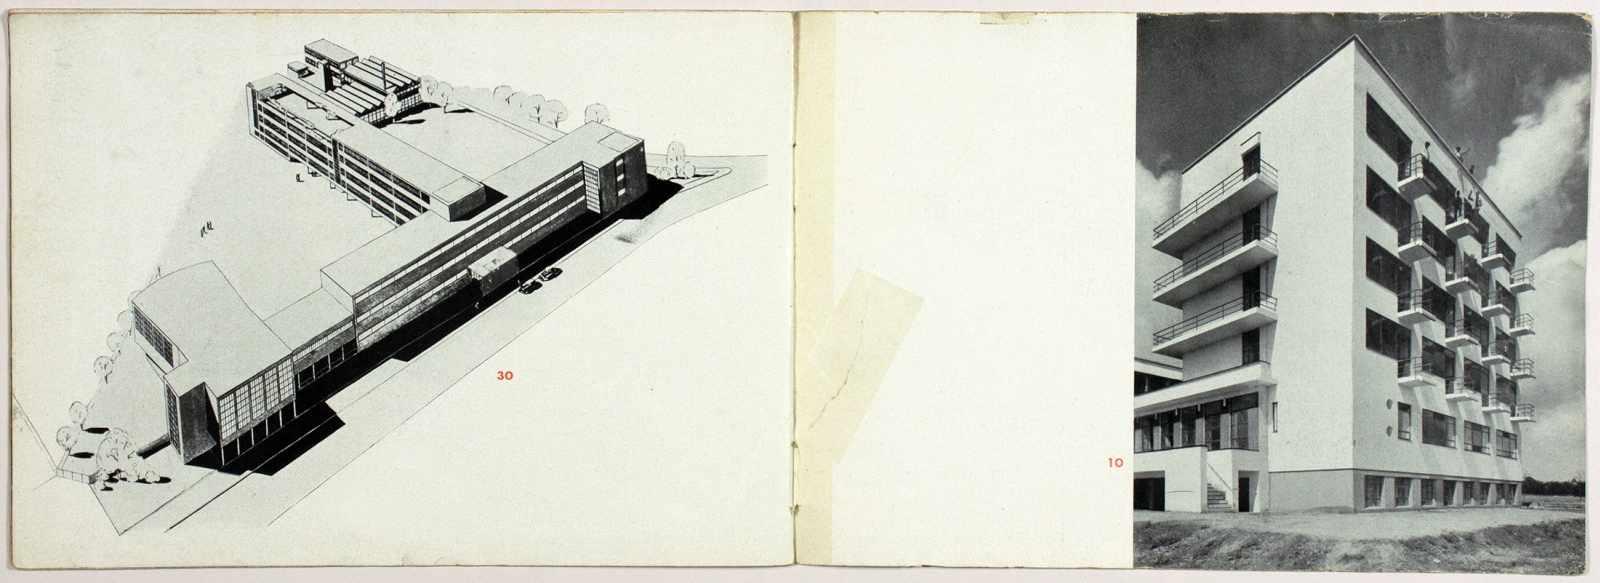 Laszlo Moholy-Nagy - Ausstellung Walter Gropius. Zeichnungen, Fotos, Modelle in der ständigen - Image 7 of 8